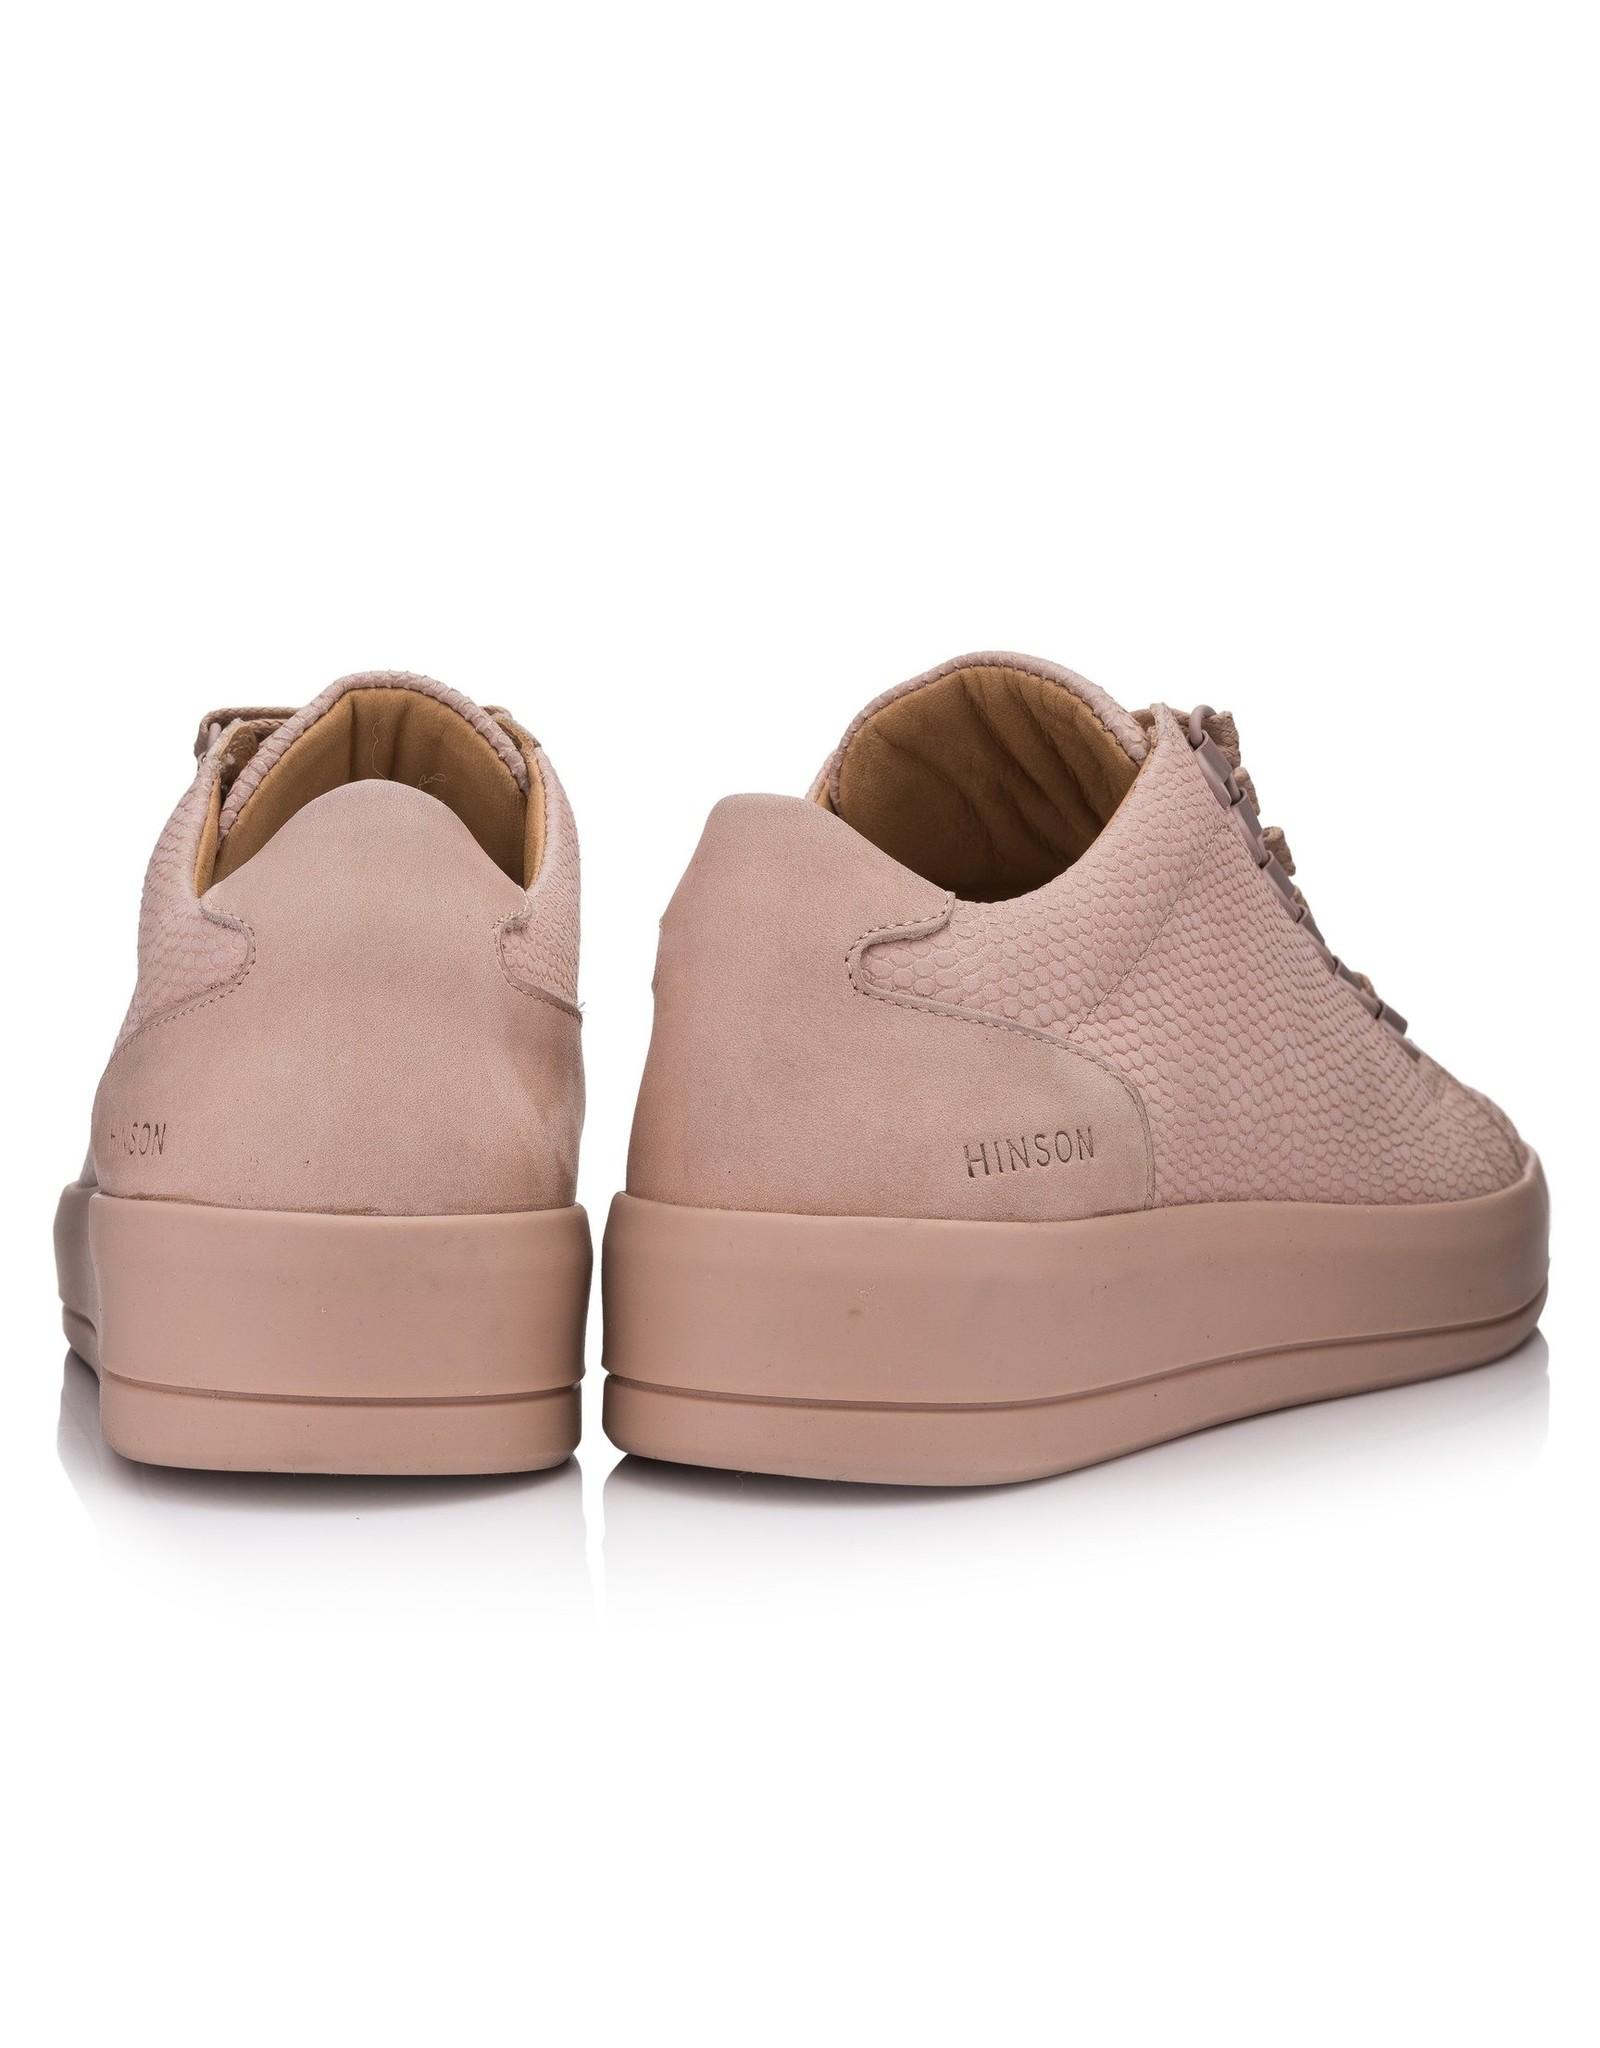 Hinson Sneaker dames roze zool wit